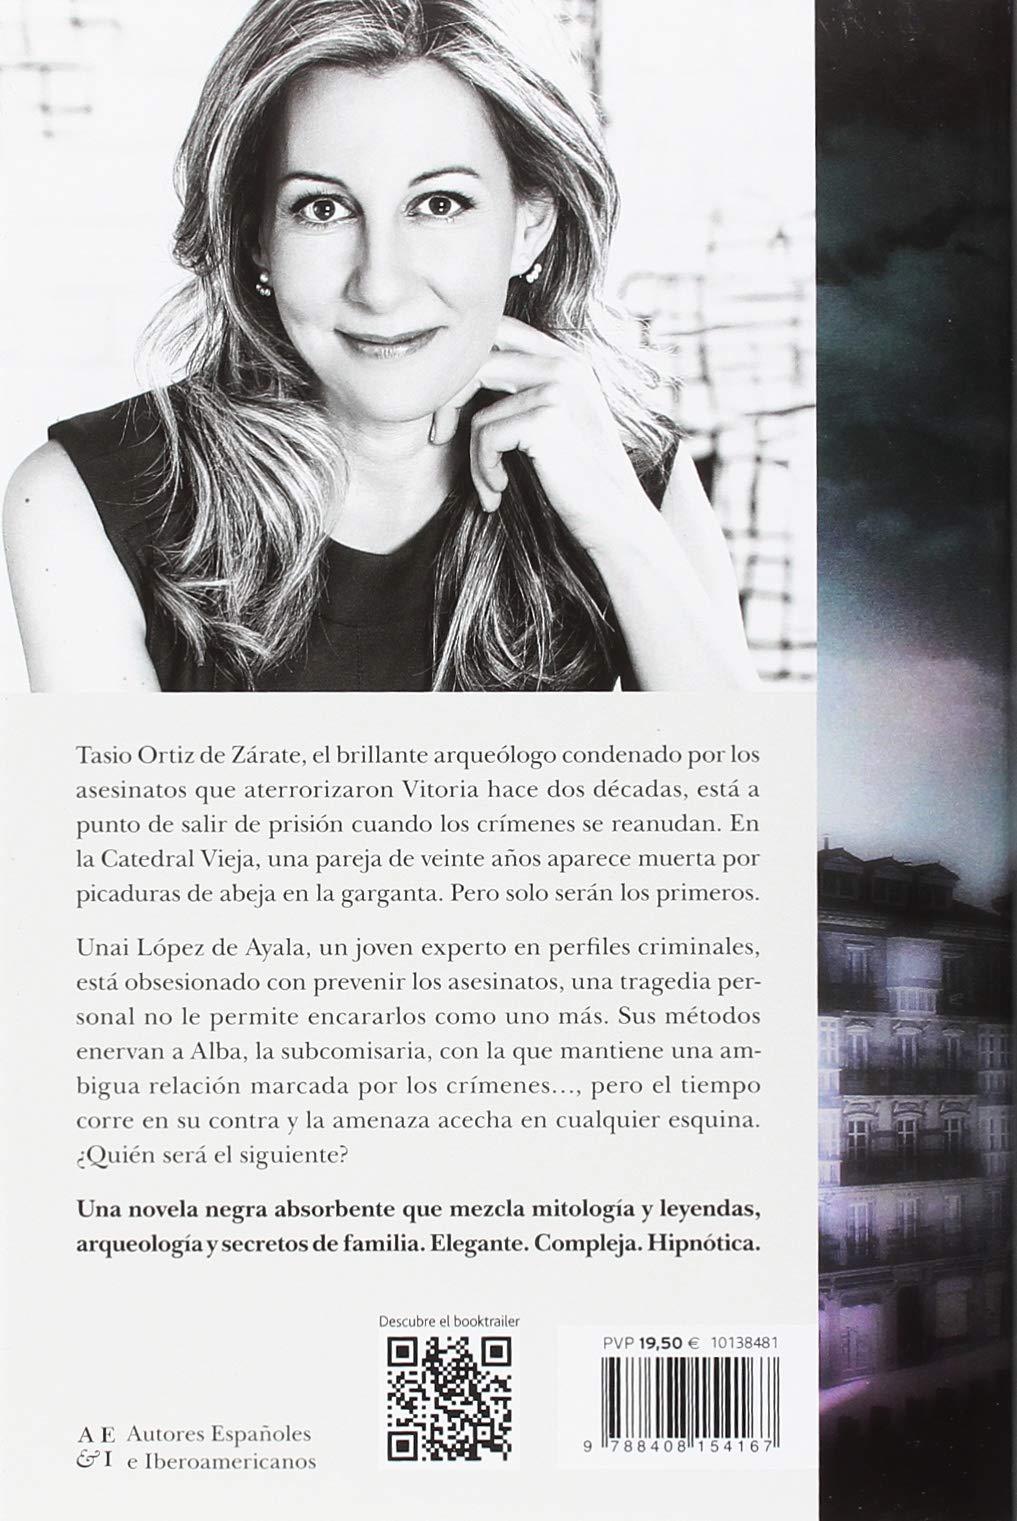 El silencio de la ciudad blanca: Trilogia de la Ciudad Blanca 1 Autores  Españoles e Iberoamericanos: Amazon.es: Eva García Sáenz de Urturi: Libros